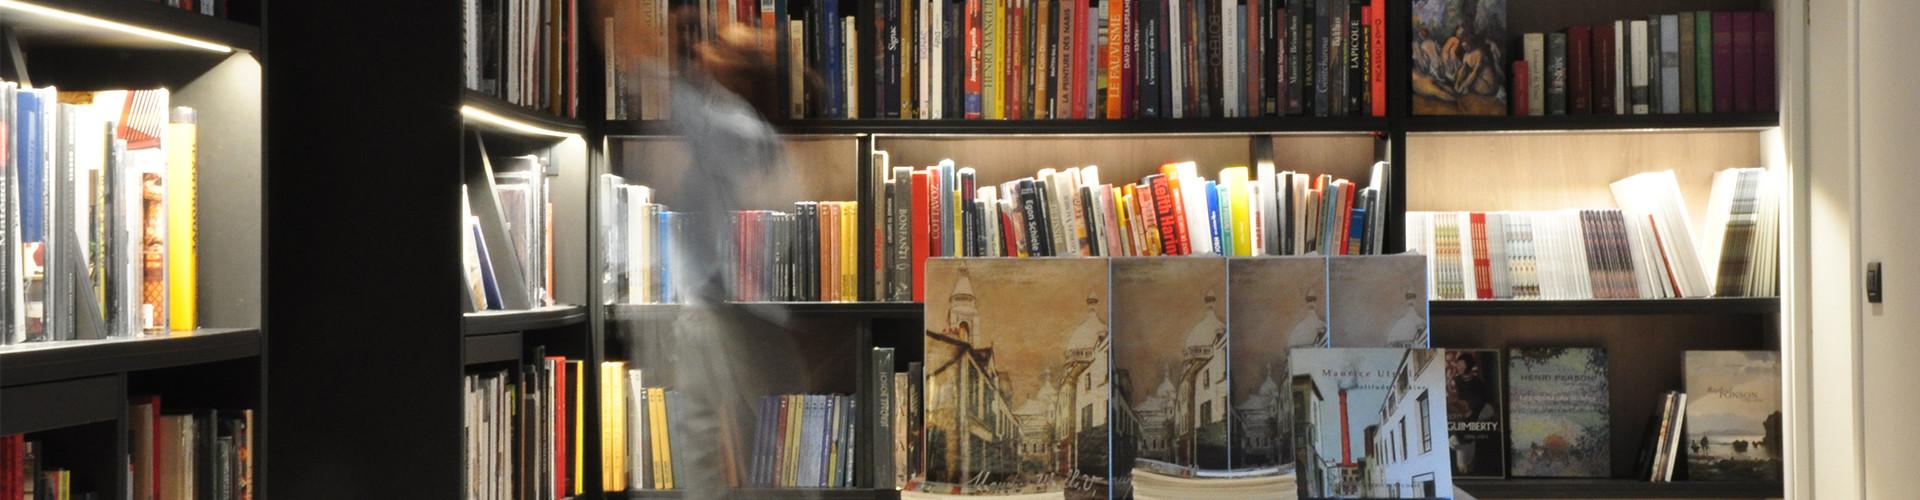 Librairie spécialisée sur les antiquités, les objets d'art et de collection - catalogues raisonnés